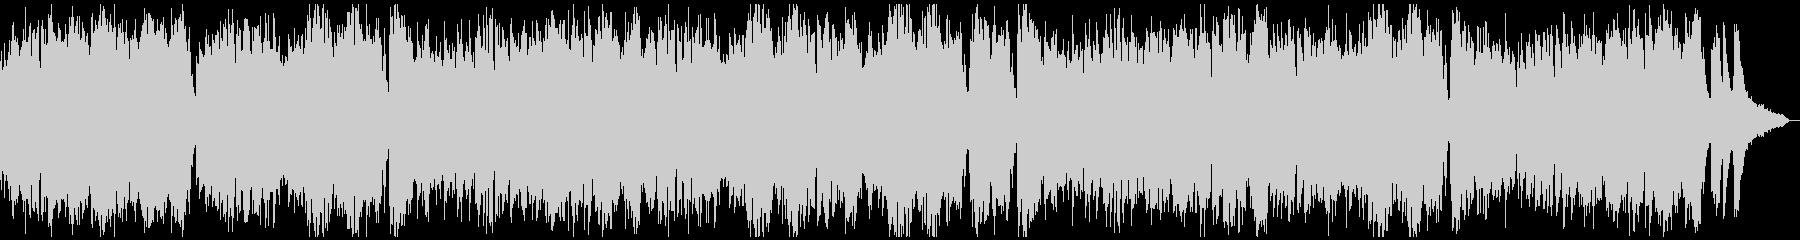 現代音楽風タイムラプス用ピアノソロ7分の未再生の波形